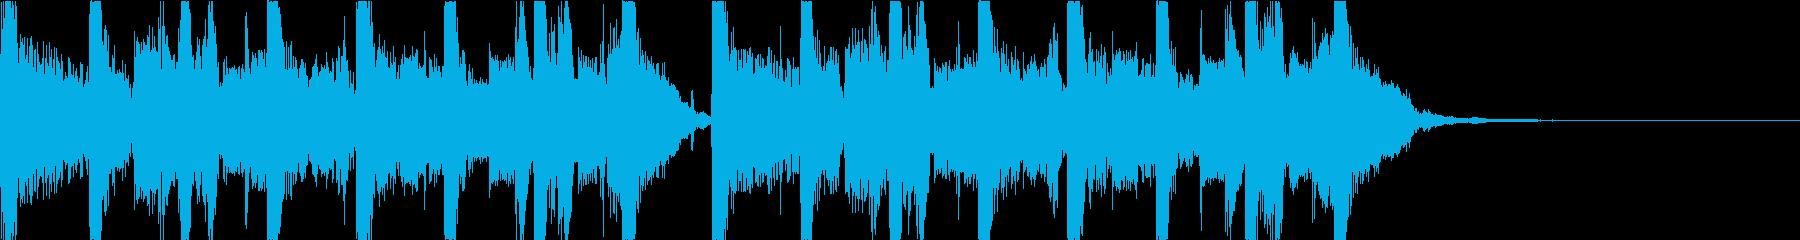 都会的でおしゃれなEDM3の再生済みの波形